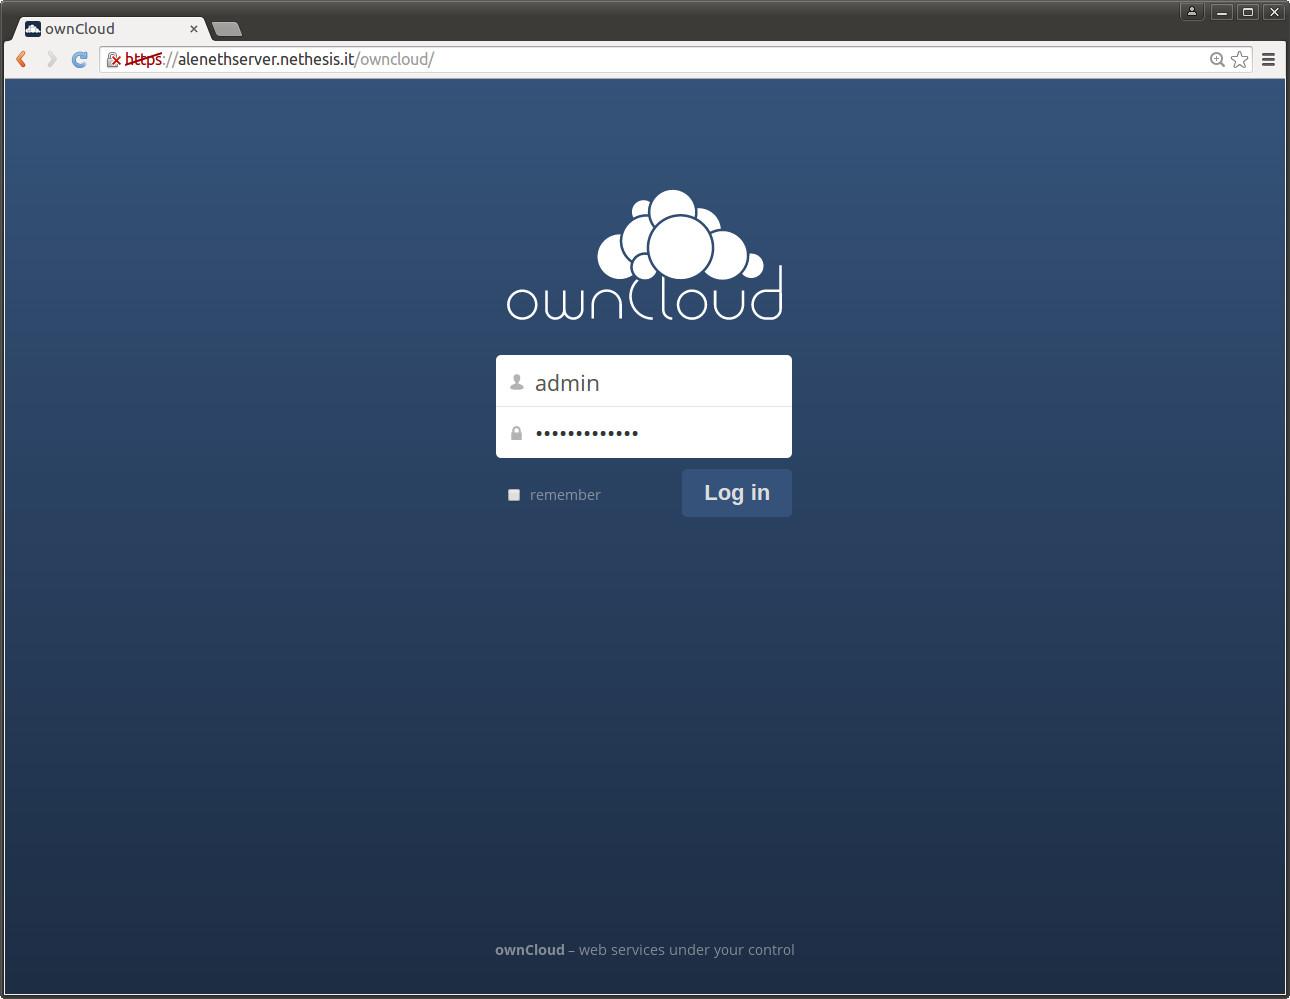 NethServer ownCloud login